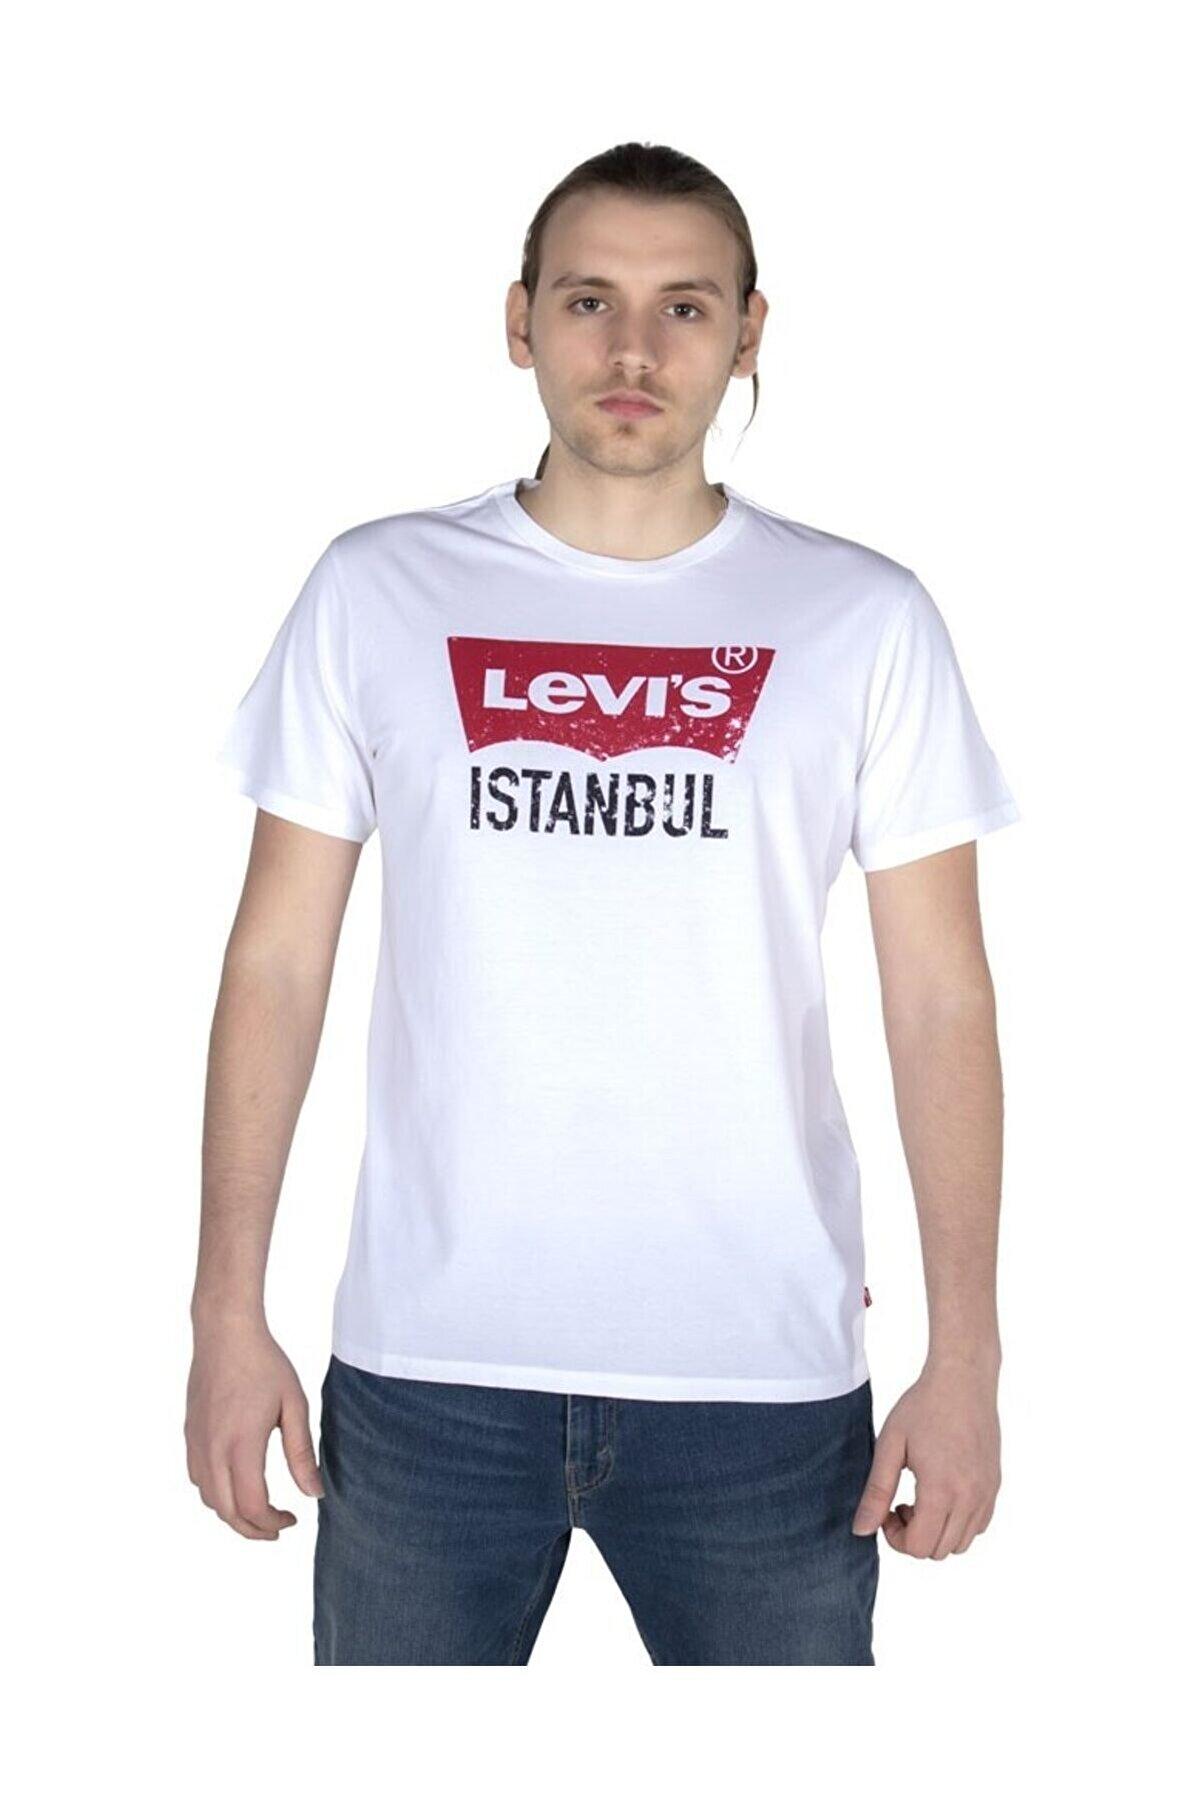 Levi's Levis Erkek Tişört Destination Istanbul 22465-0048